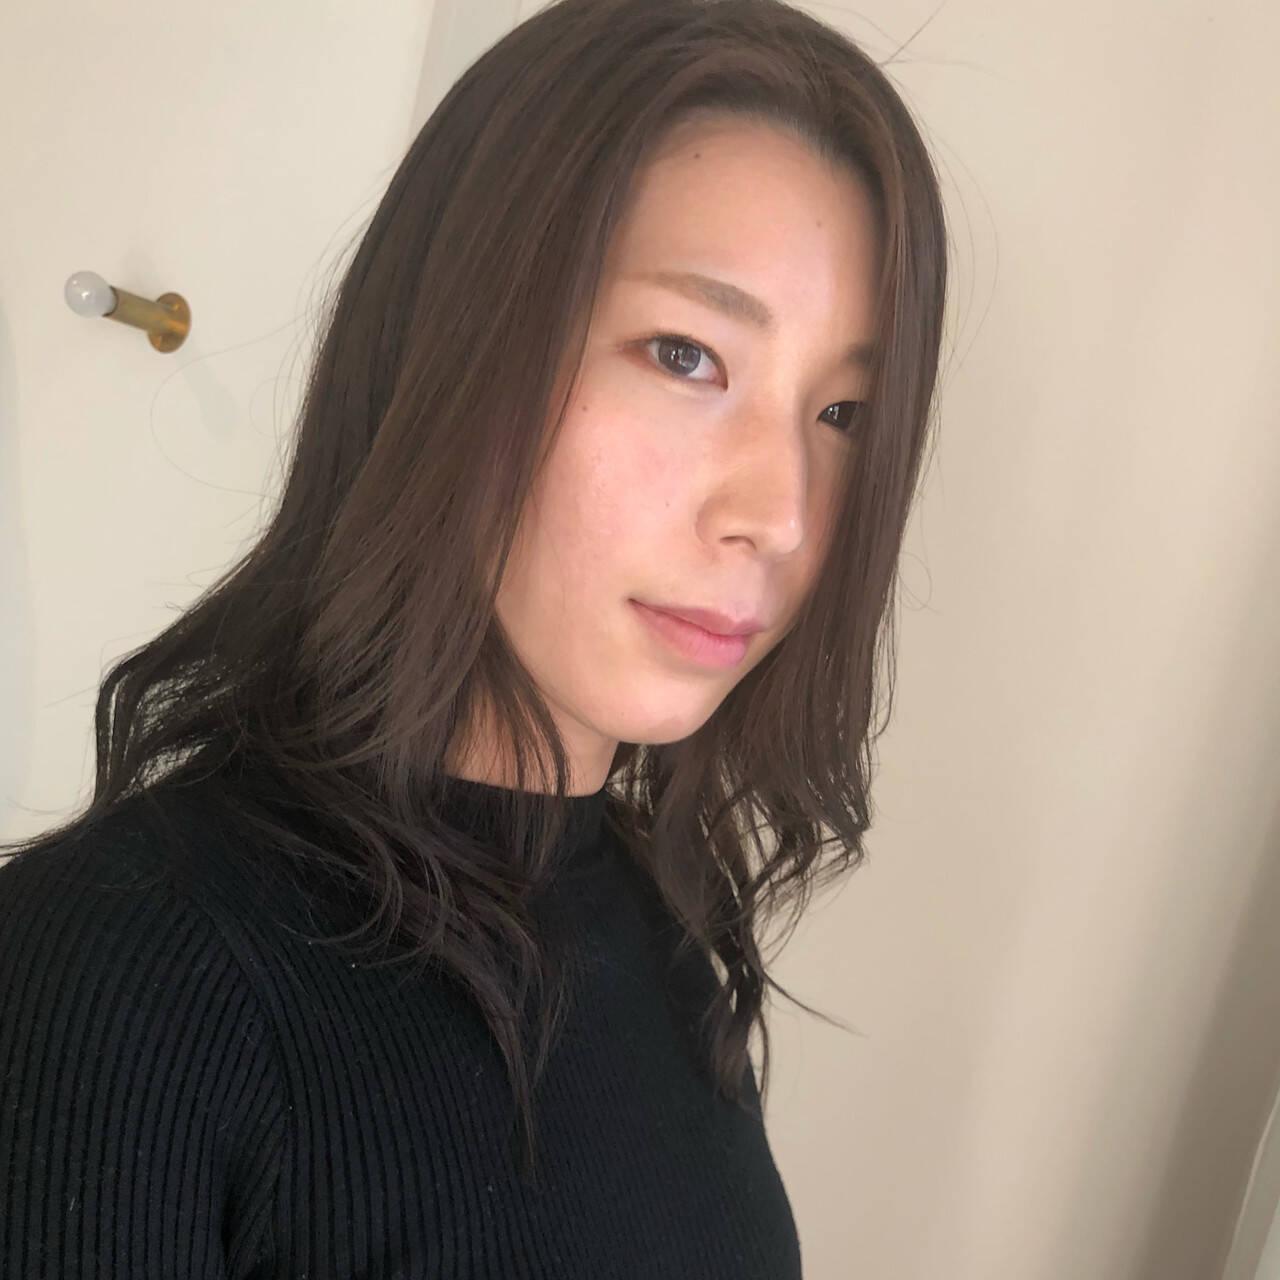 パーマ 大人ヘアスタイル セミロング フェミニンヘアスタイルや髪型の写真・画像